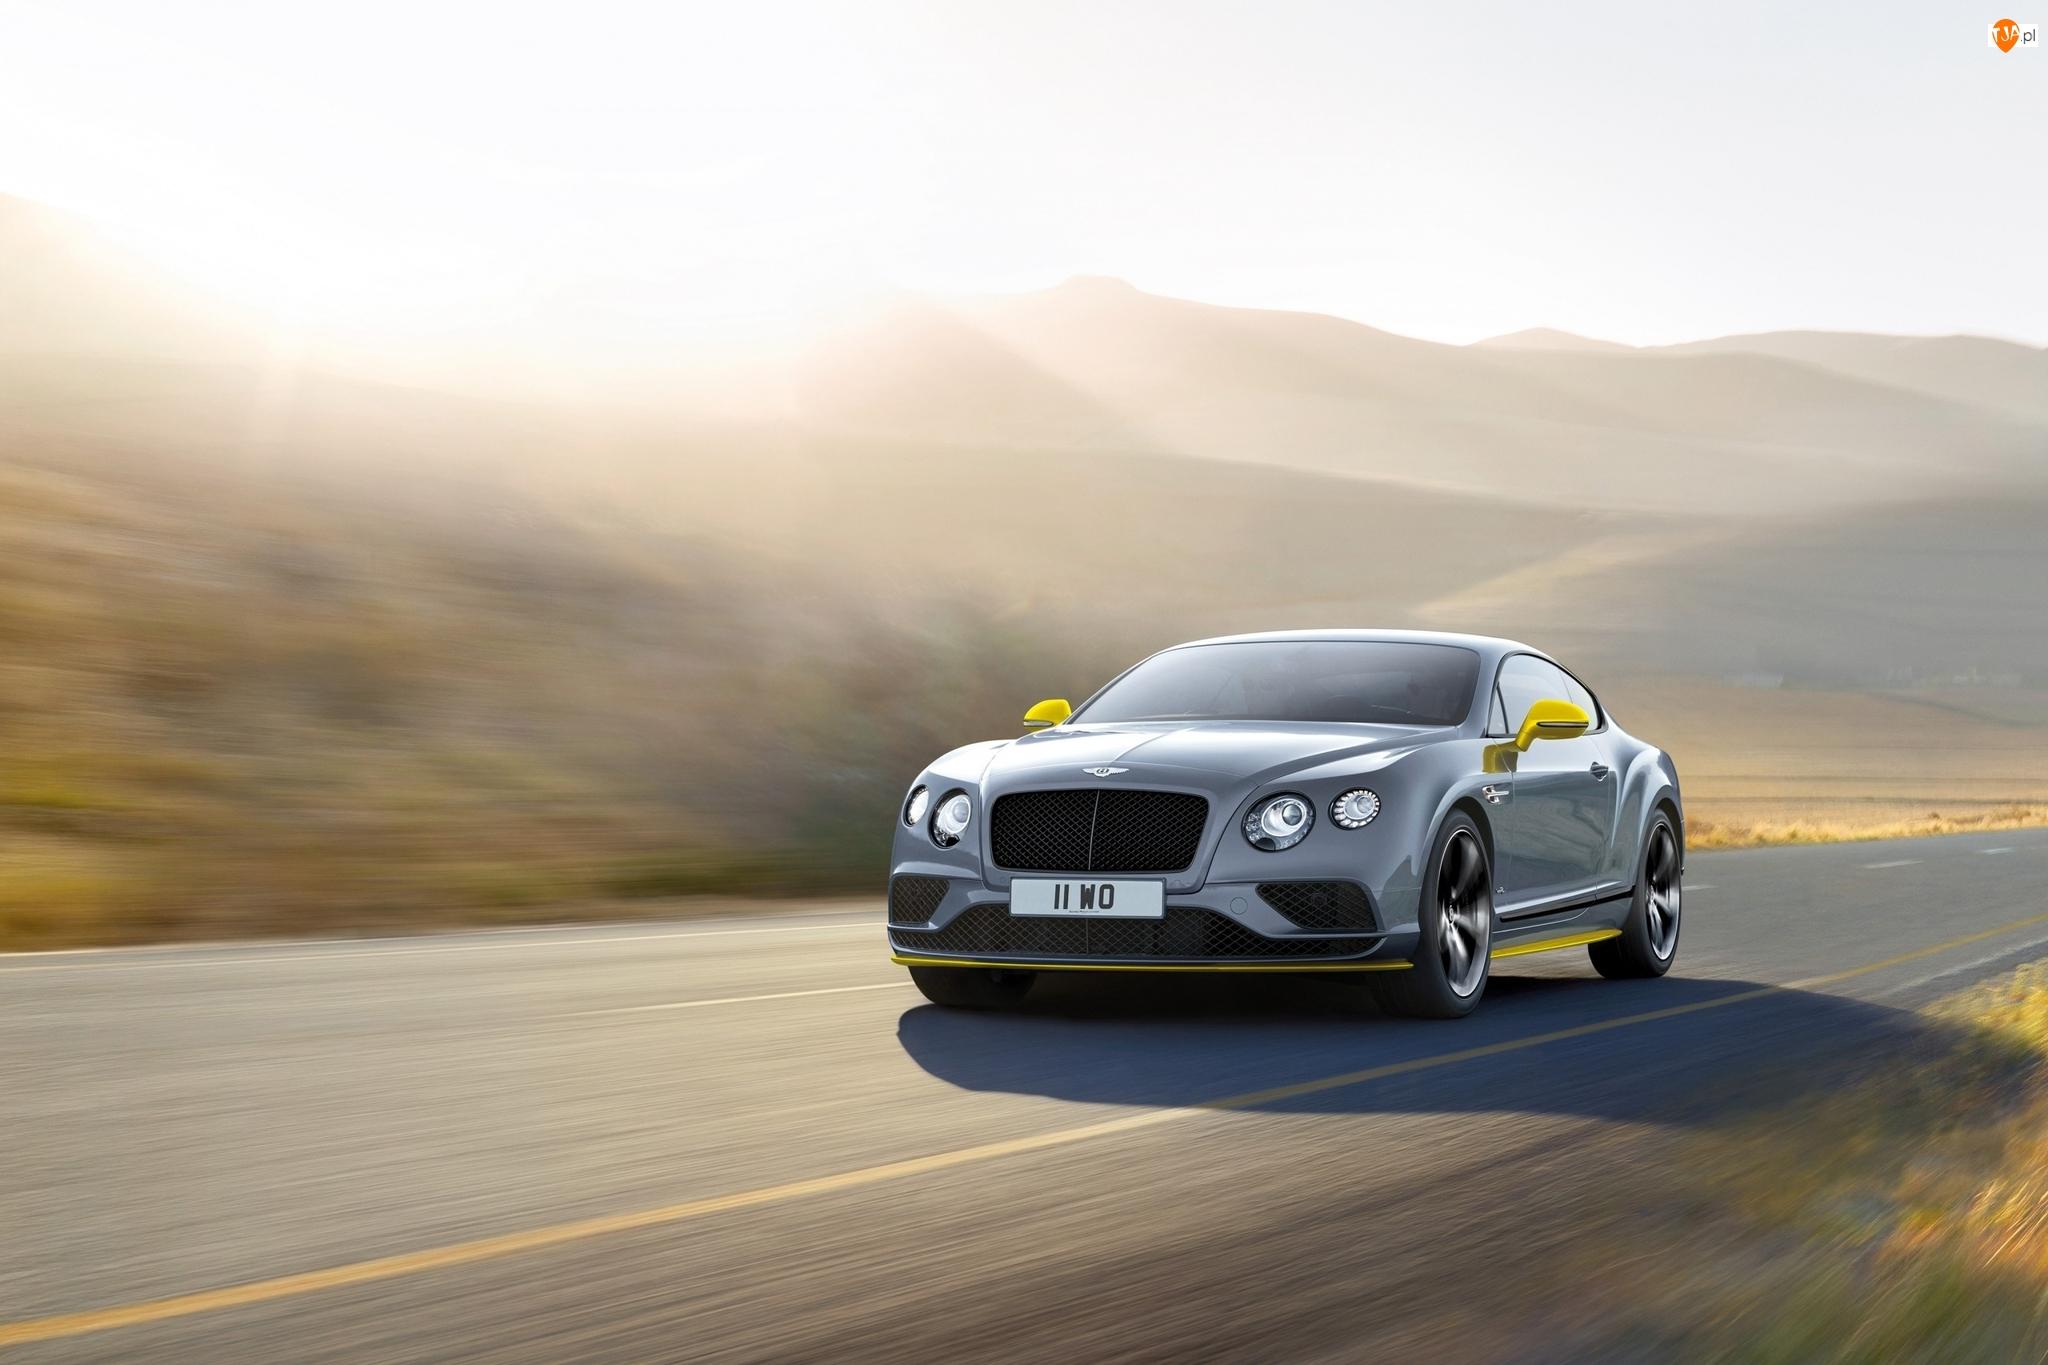 2018, Bentley Continental